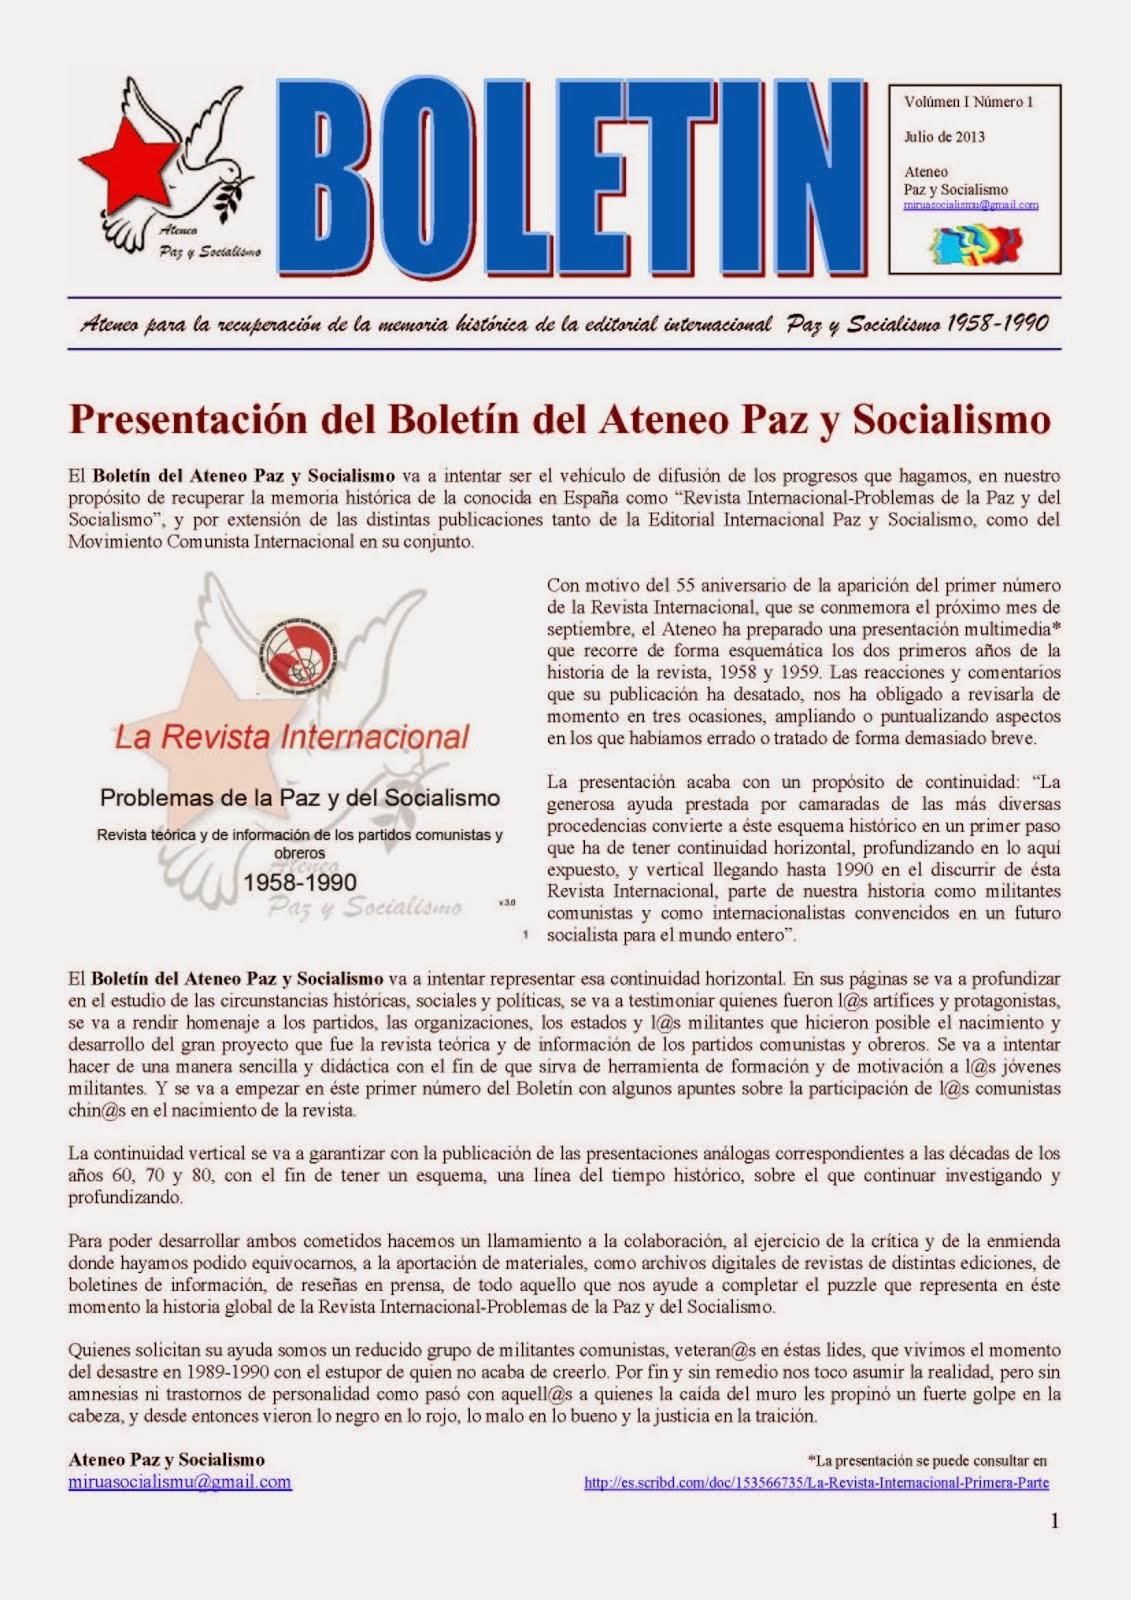 BOLETIN DEL ATENEO PAZ Y SOCIALISMO